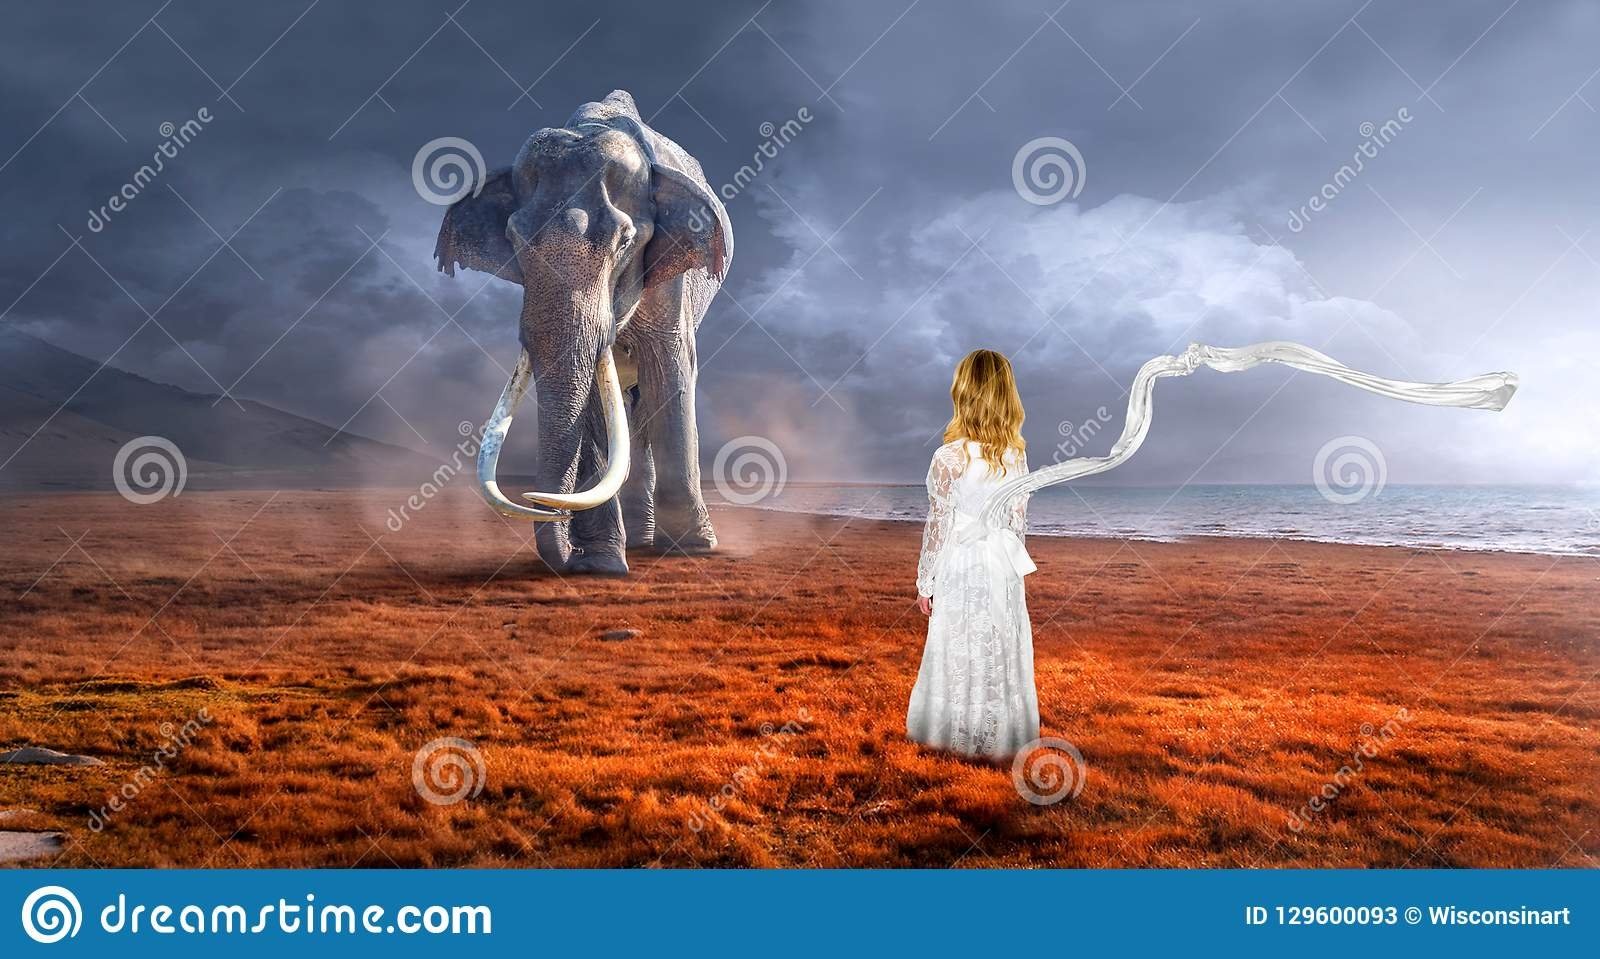 超现实的大象,野生生物,想象力,女孩